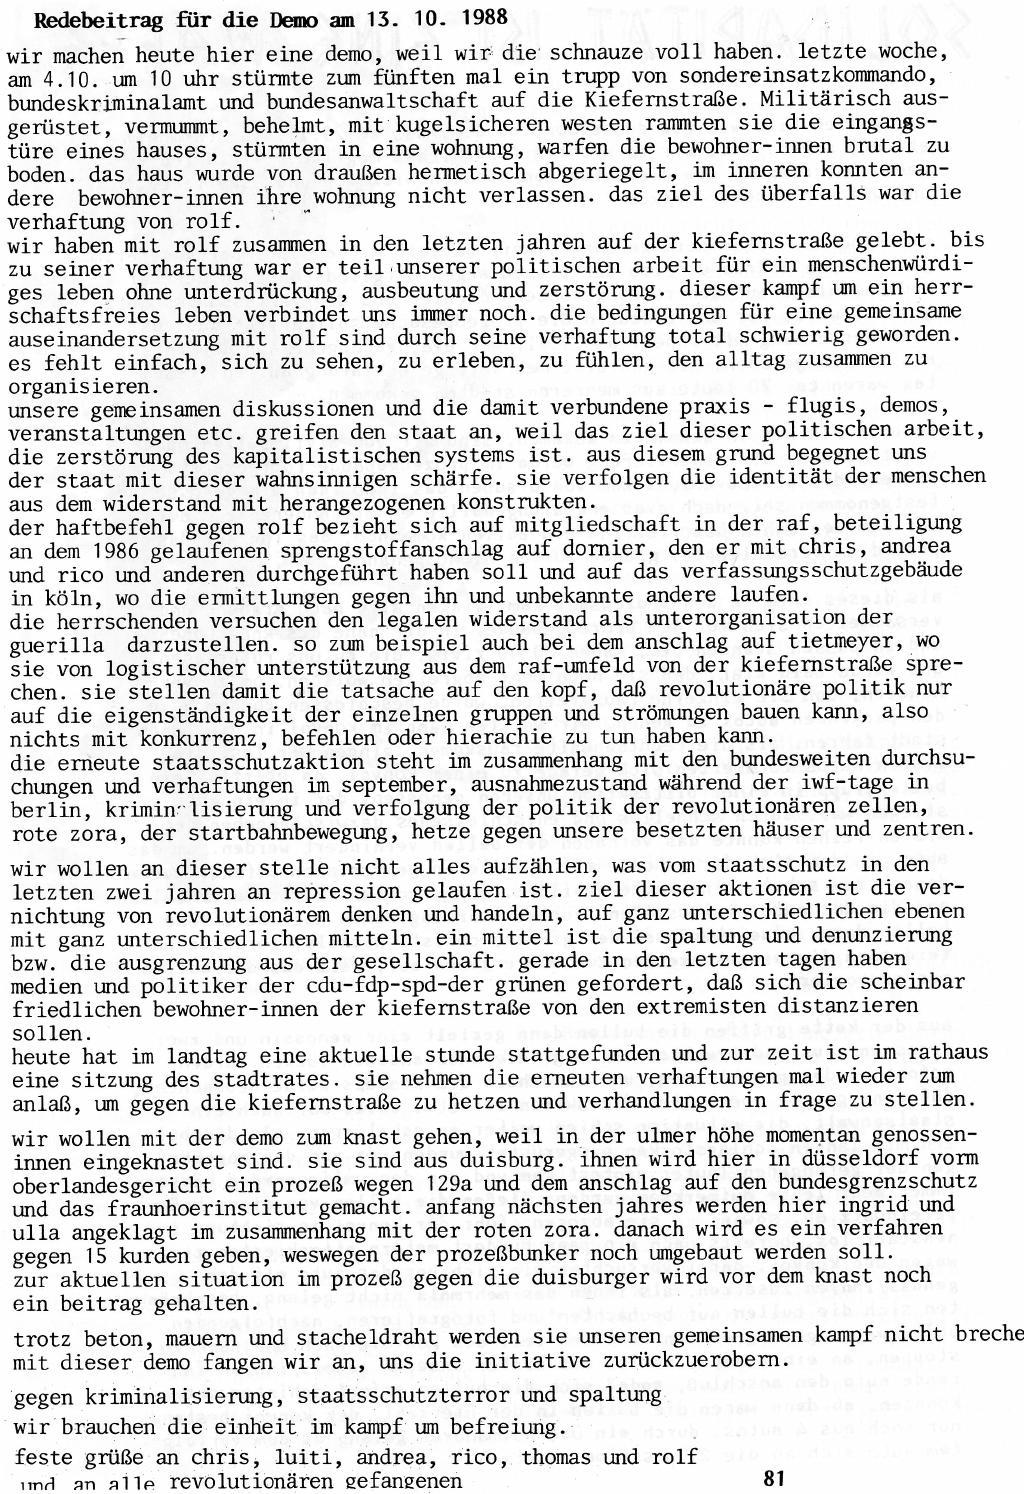 Duesseldorf_1989_Sechs_Politische_Gefangene_081